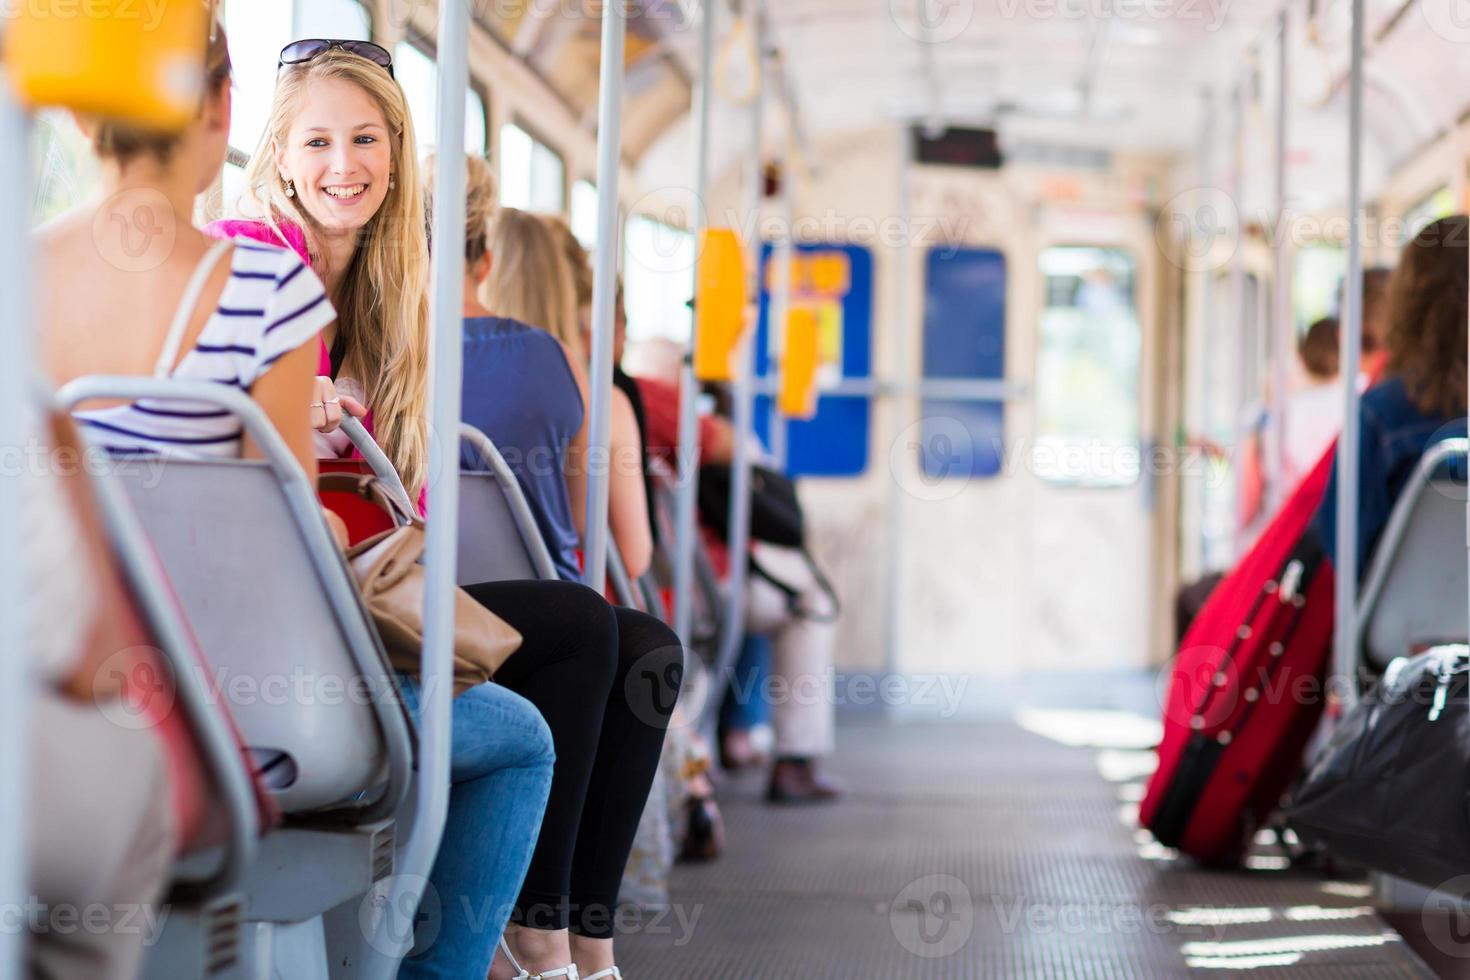 hübsche, junge Frau in einer Straßenbahn / Straßenbahn foto